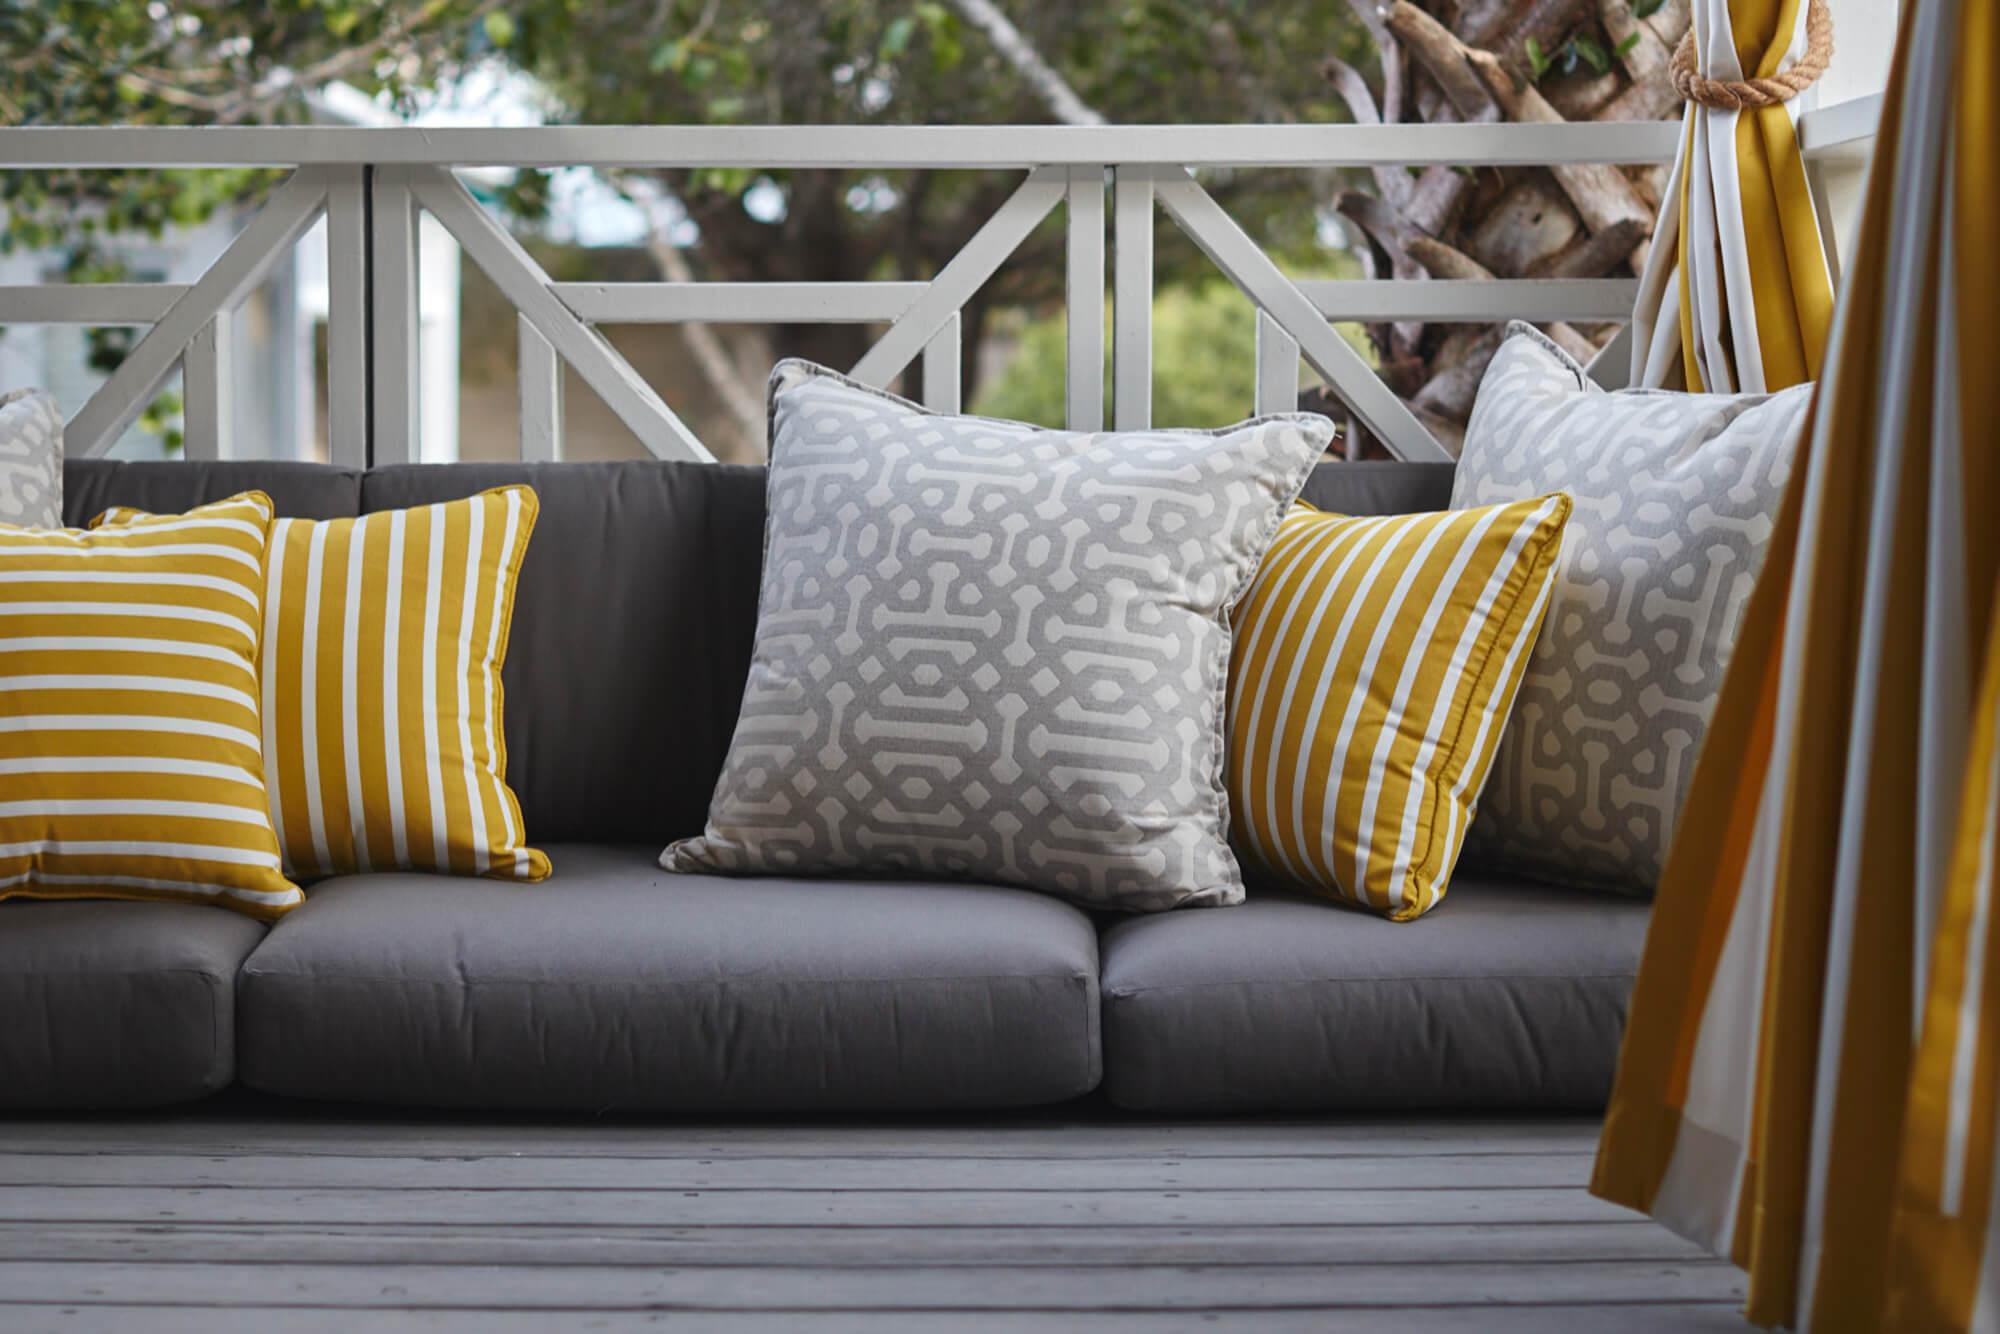 黄灰装饰的抱枕与黄色挂帘的灰色户外坐垫